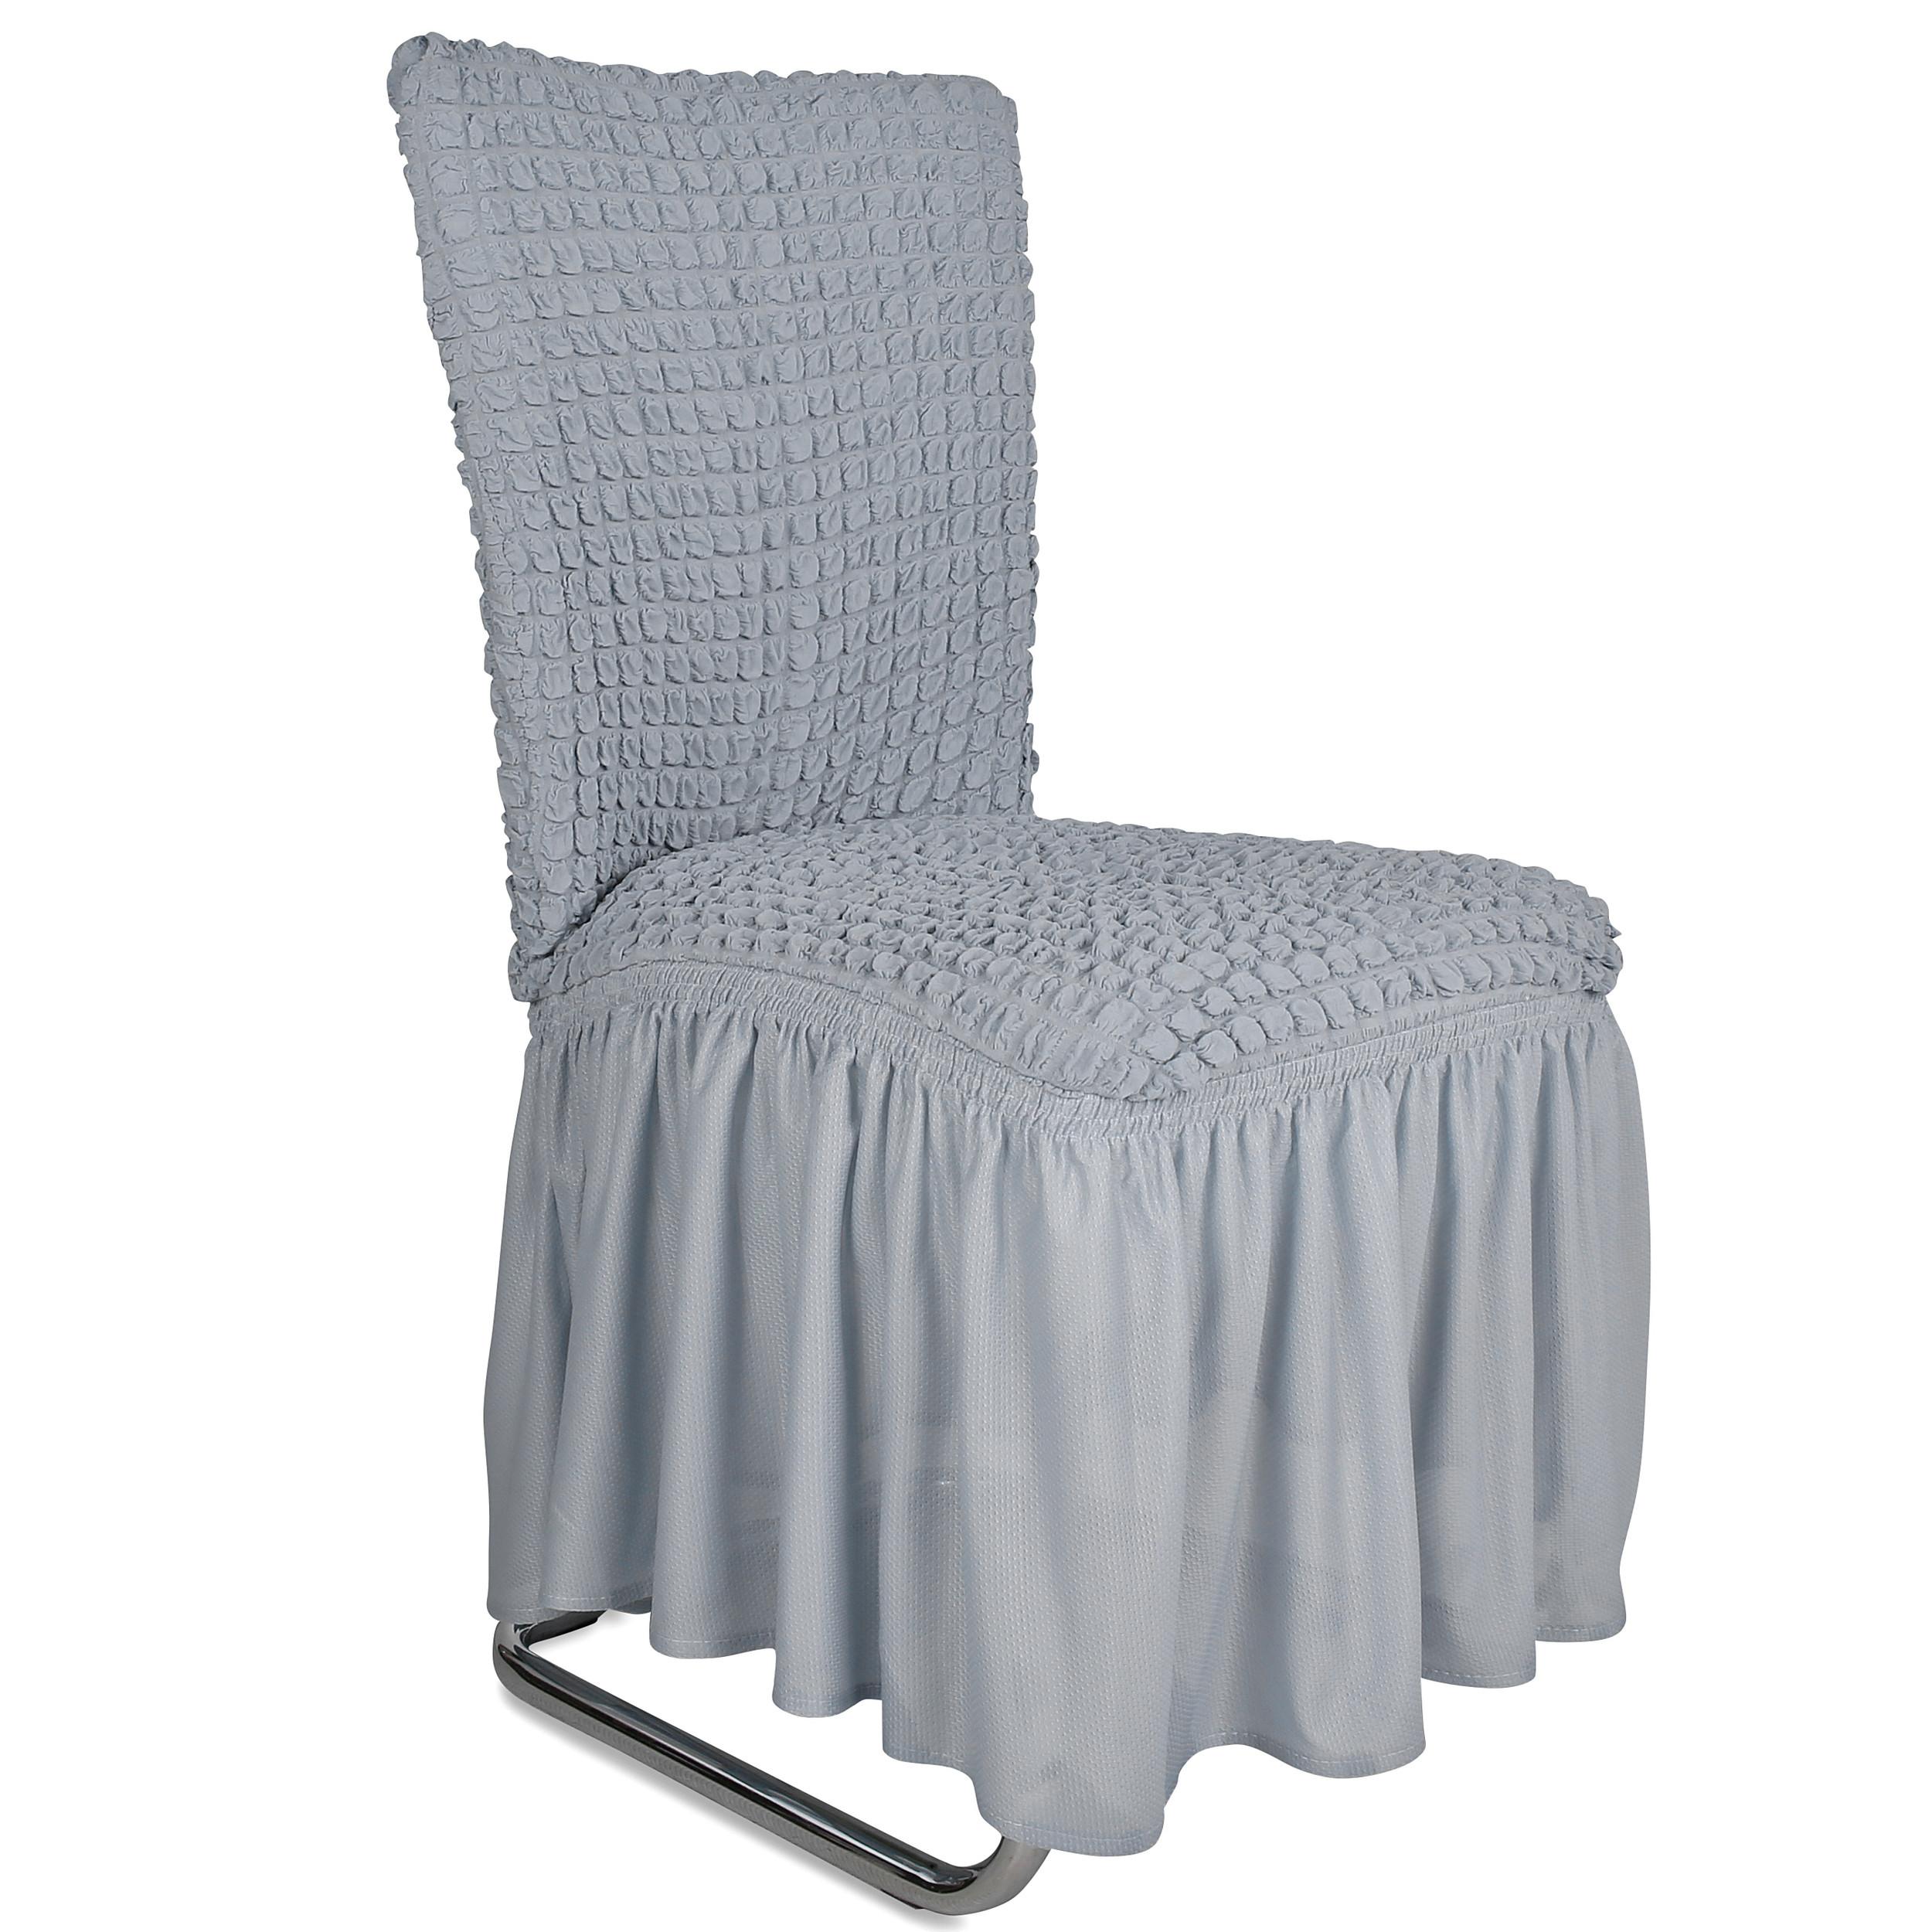 Stuhlhusse Stuhlbezug Stuhlhuße Stretch Lange Husse Dekoration Stuhl Husse Cream